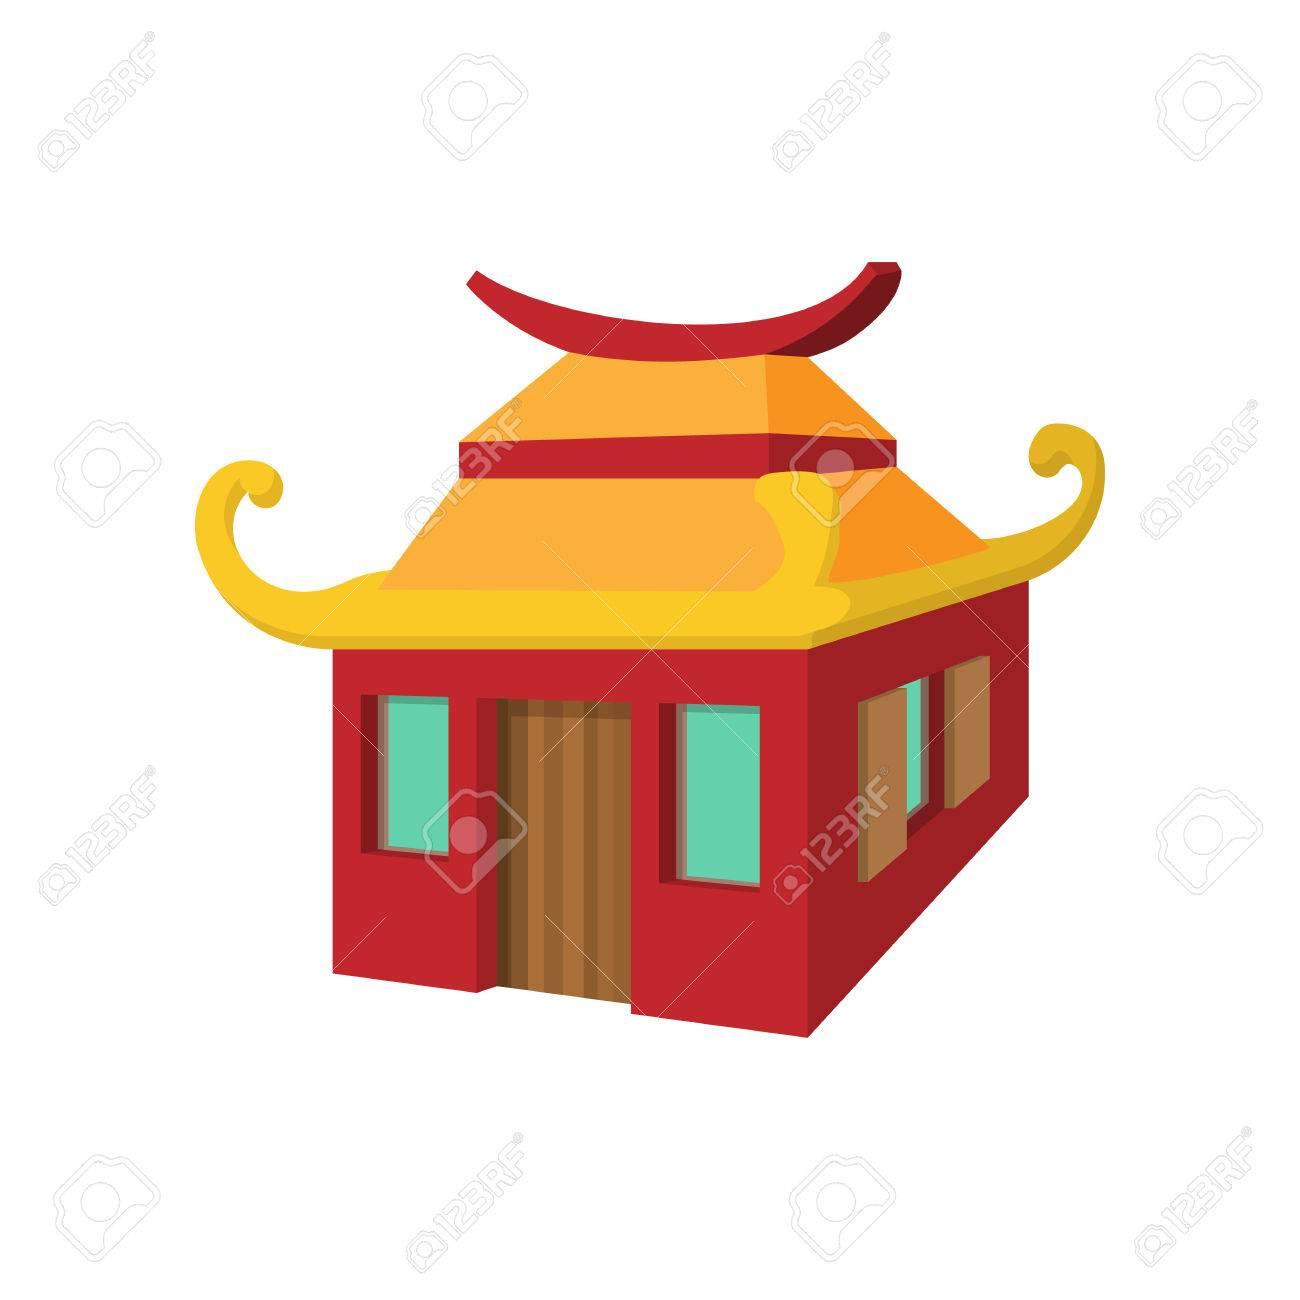 Banque dimages maison chinoise dans le style de dessin animé isolé sur fond blanc